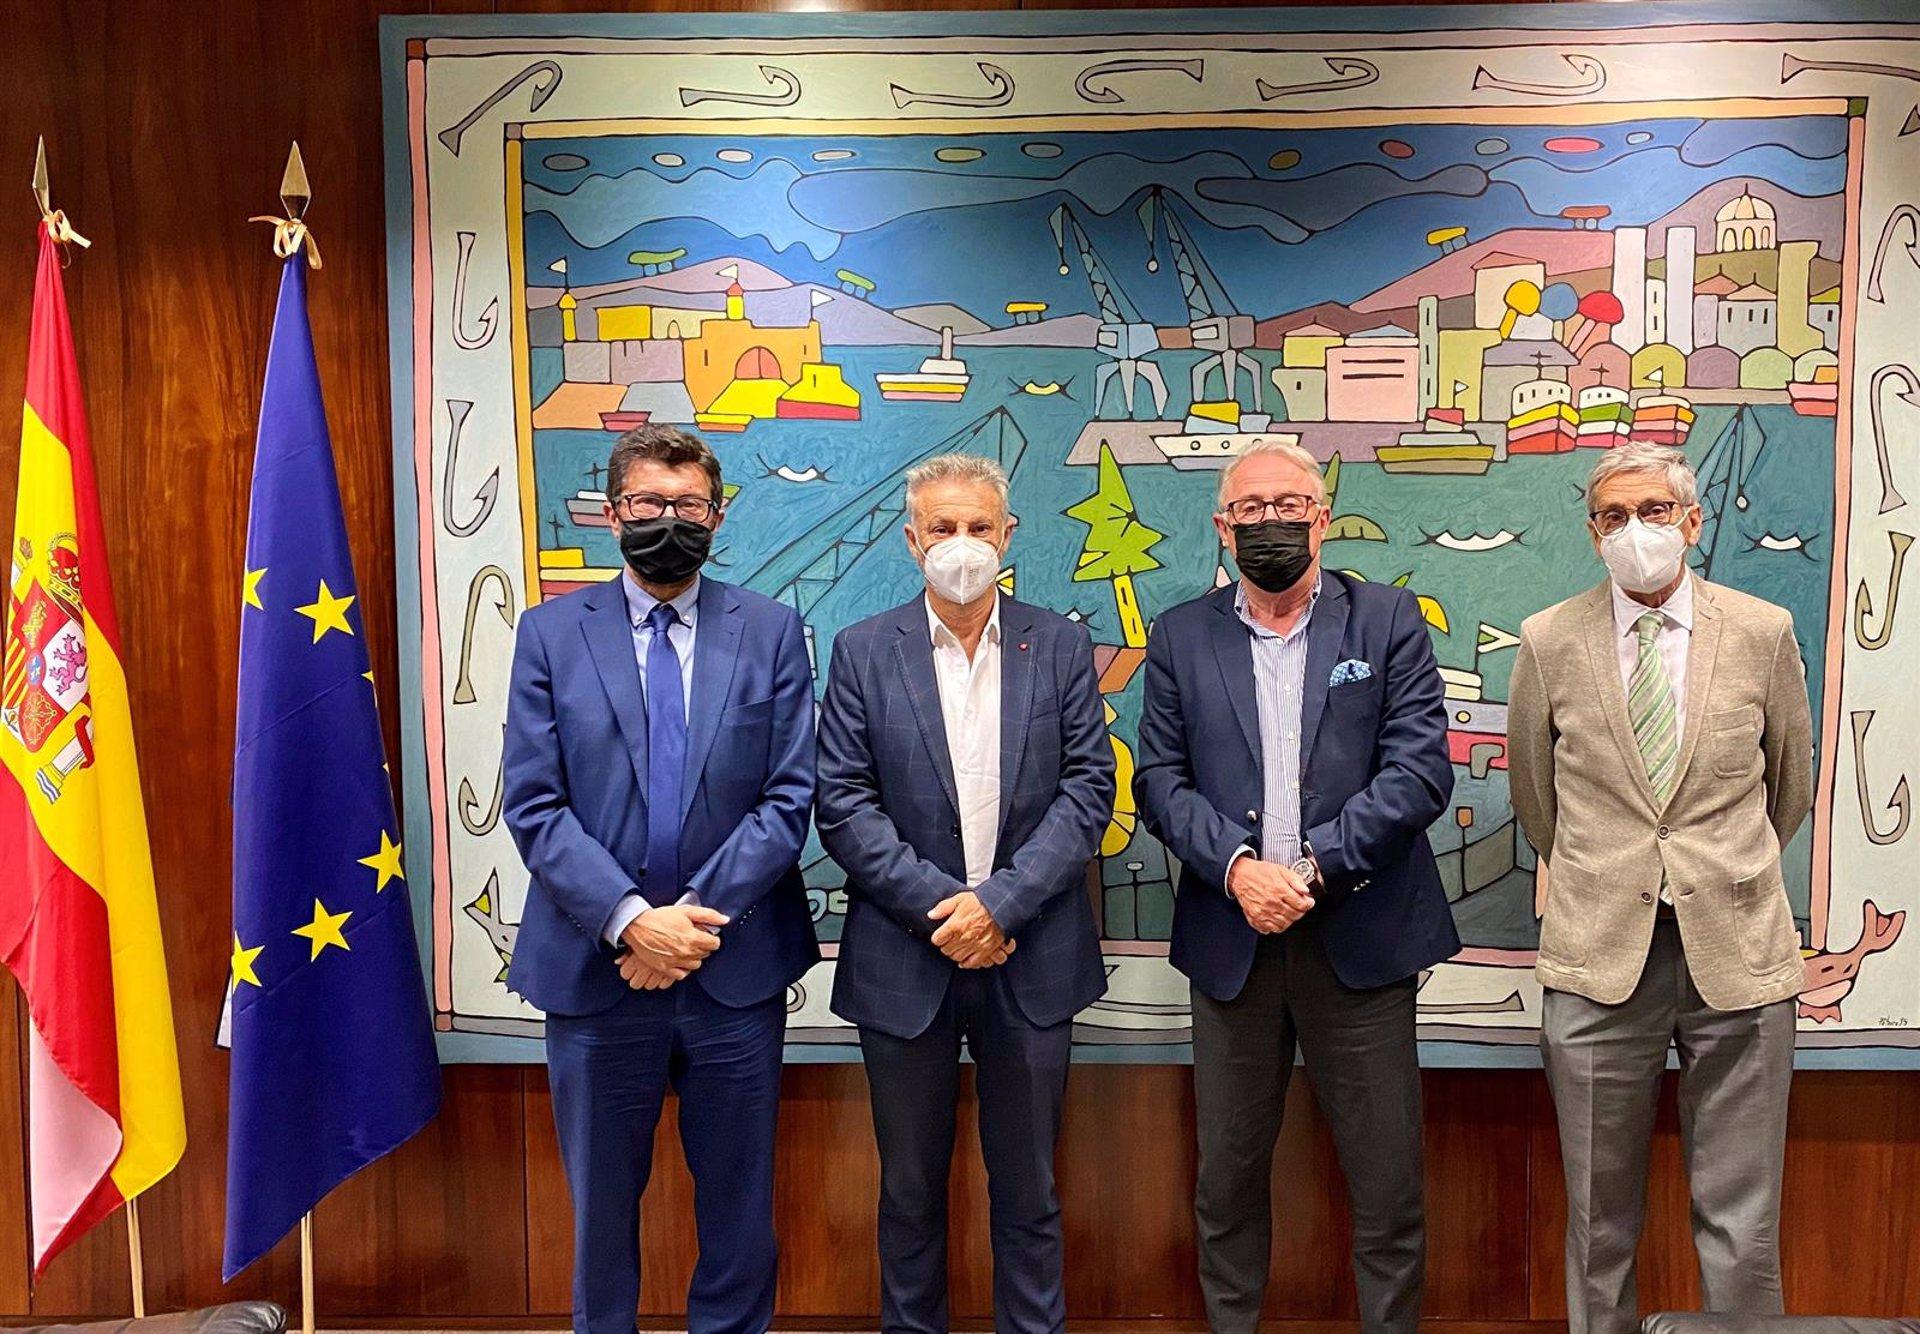 La Autoridad Portuaria anuncia una conexión del Puerto con el ferrocarril de Almería, pero no especifica si habrá soterramiento